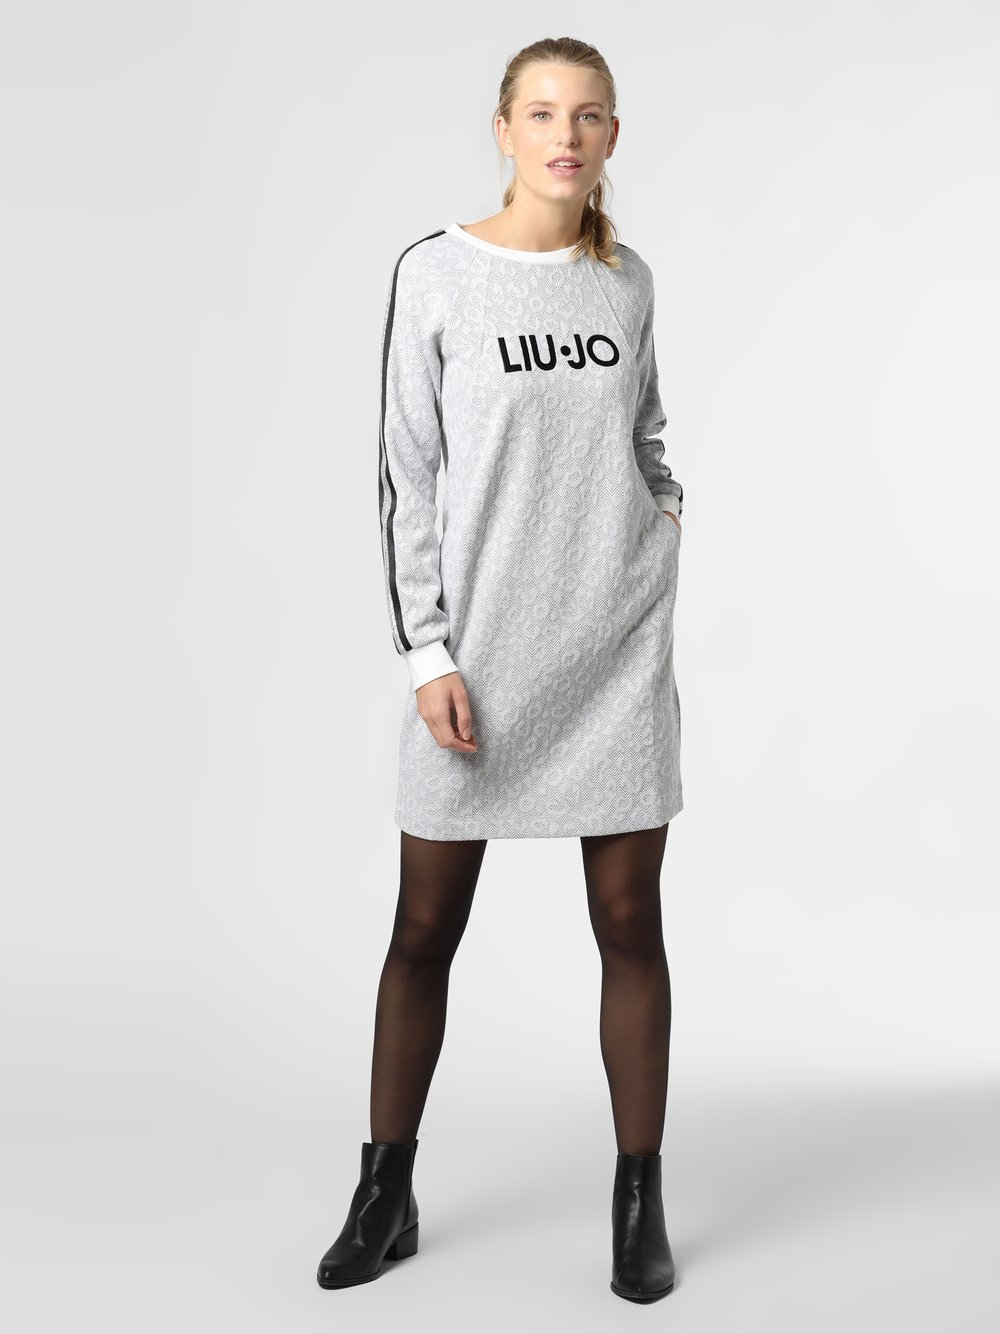 Liu Jo Collection Damen Kleid online kaufen   PEEK UND CLOPPENBURG.DE